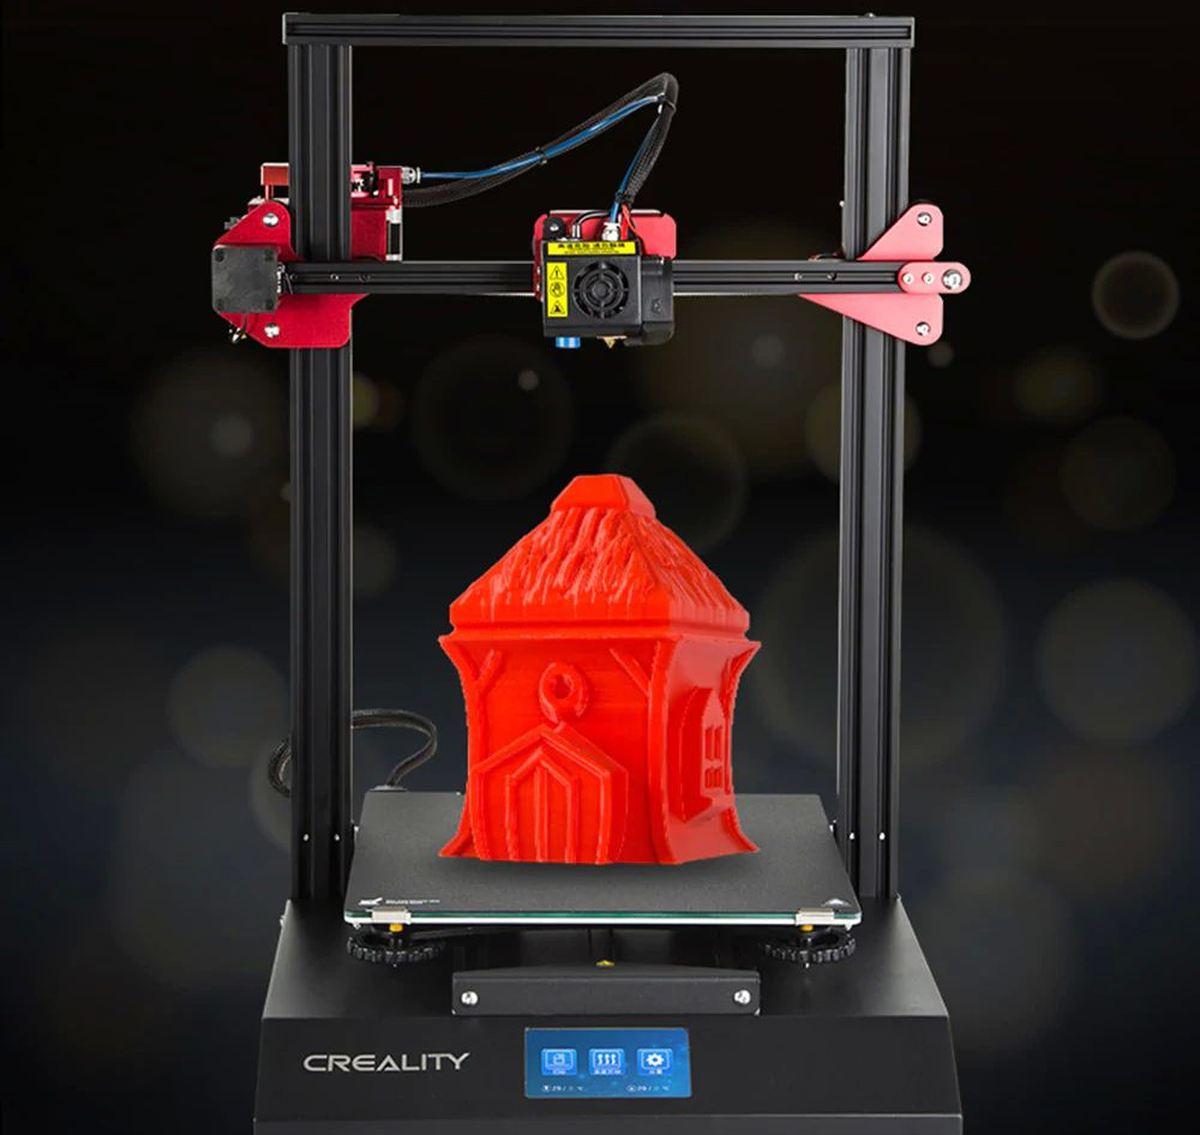 Le principal atout de la Creality3D CR - 10S Pro est sa surface d'impression de 300 x 300 x 400 mm. Mais est-ce que c'est suffisant pour justifier son prix ?